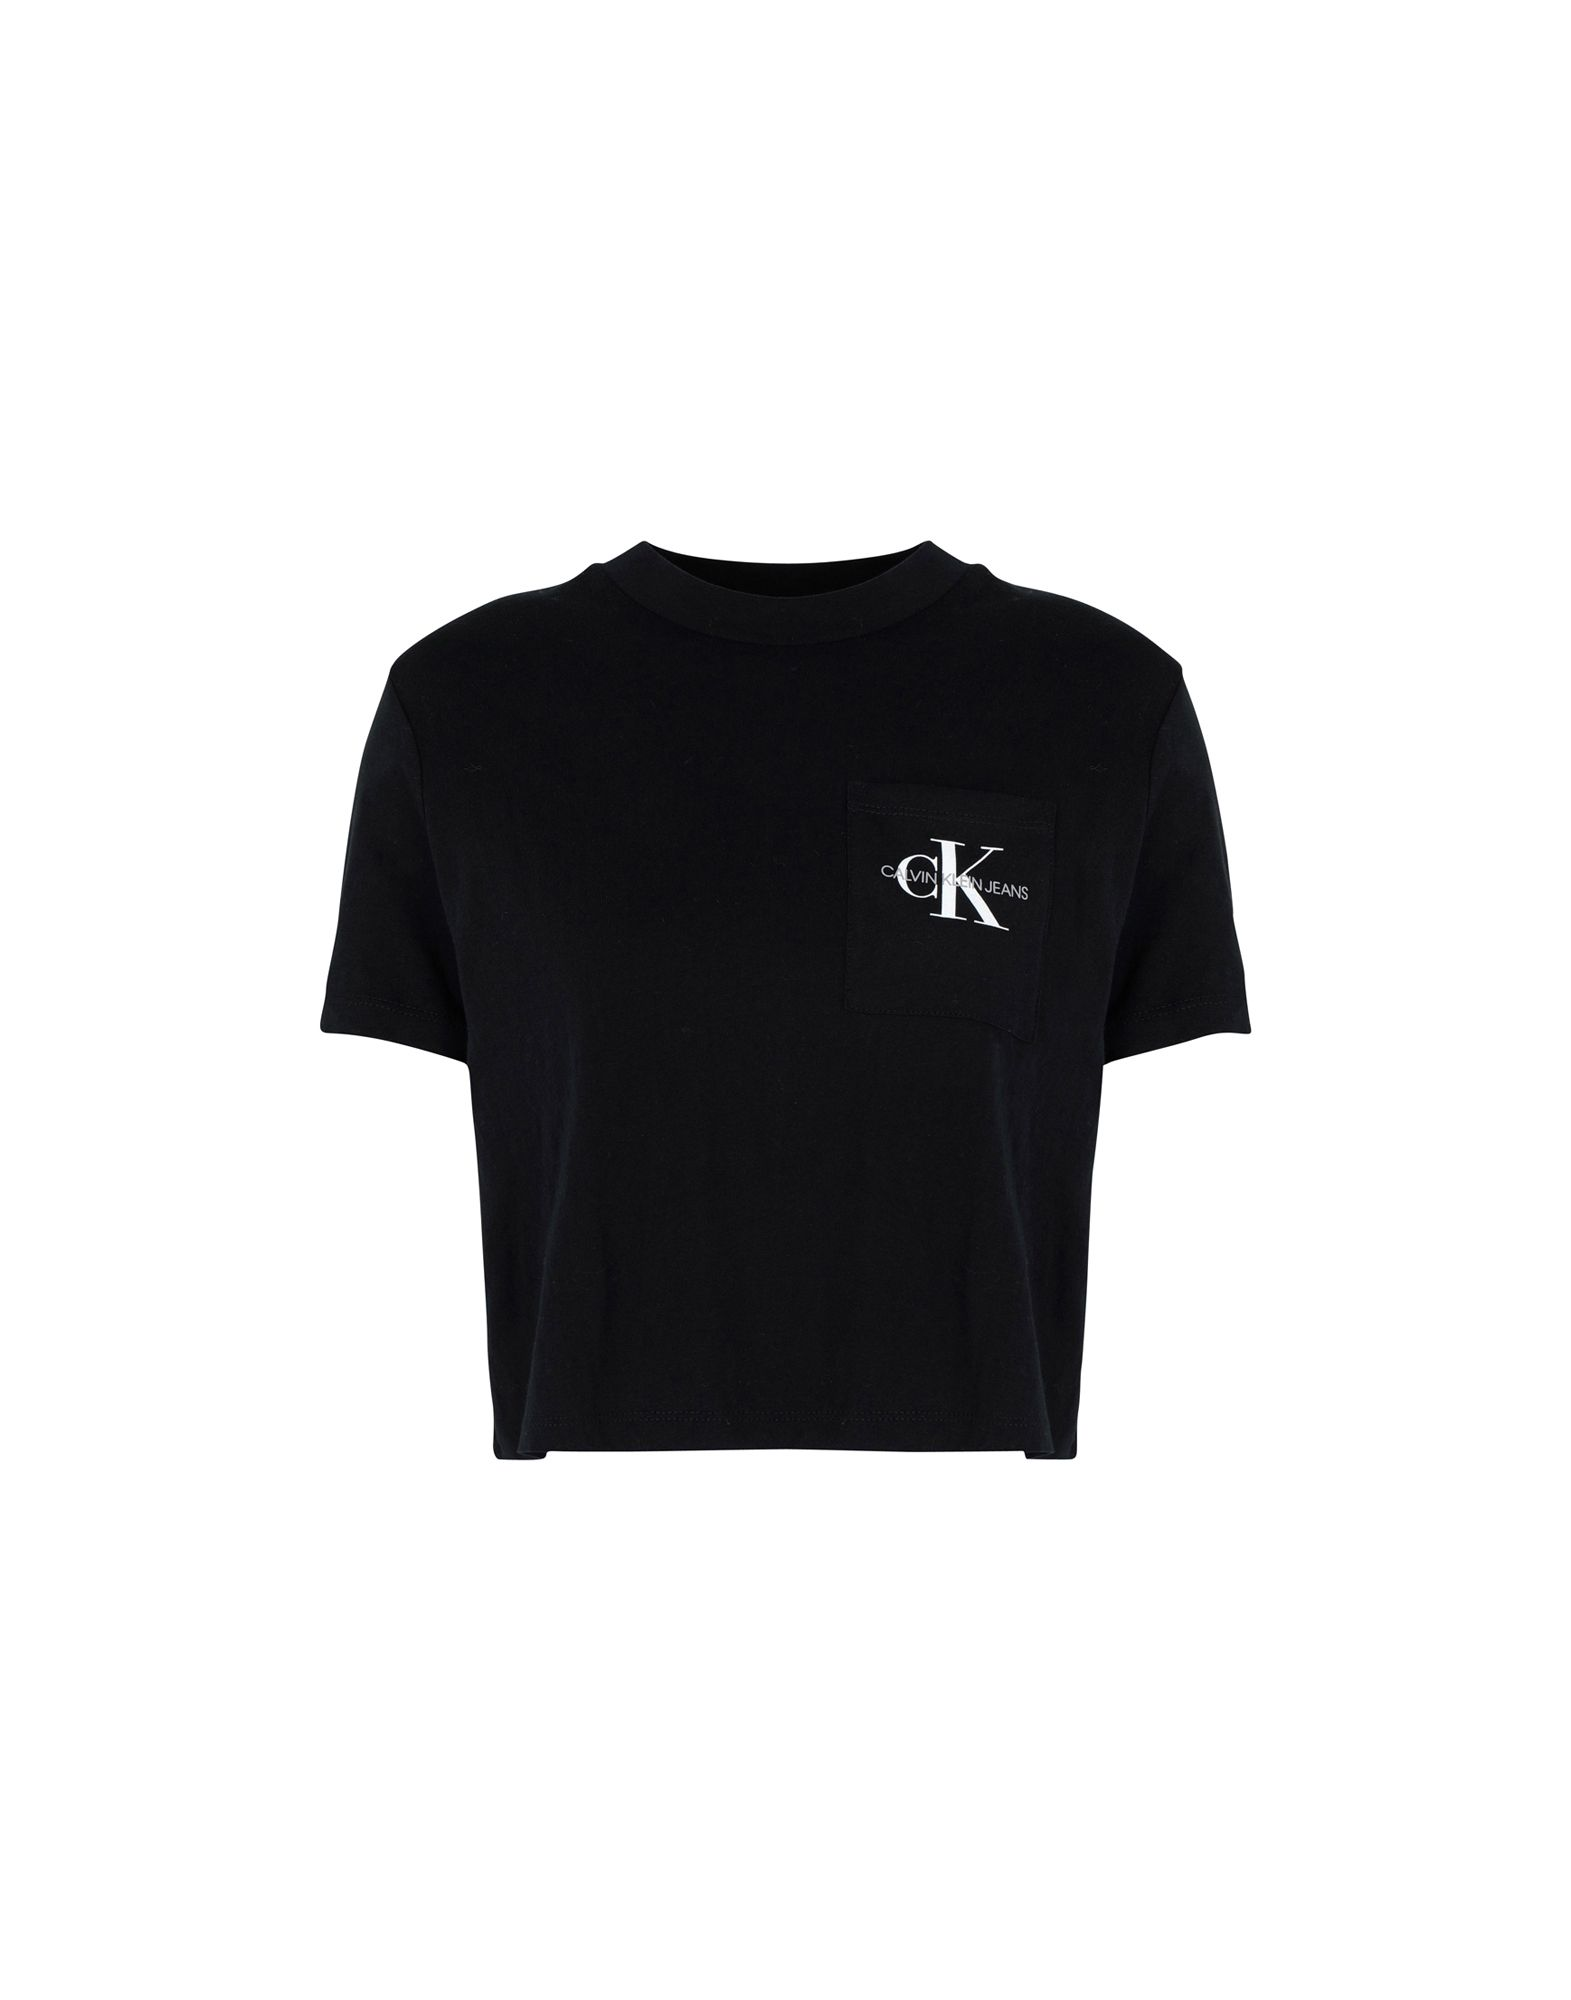 《送料無料》CALVIN KLEIN JEANS レディース T シャツ ブラック S 100% コットン MONOGRAM CROP POCKET